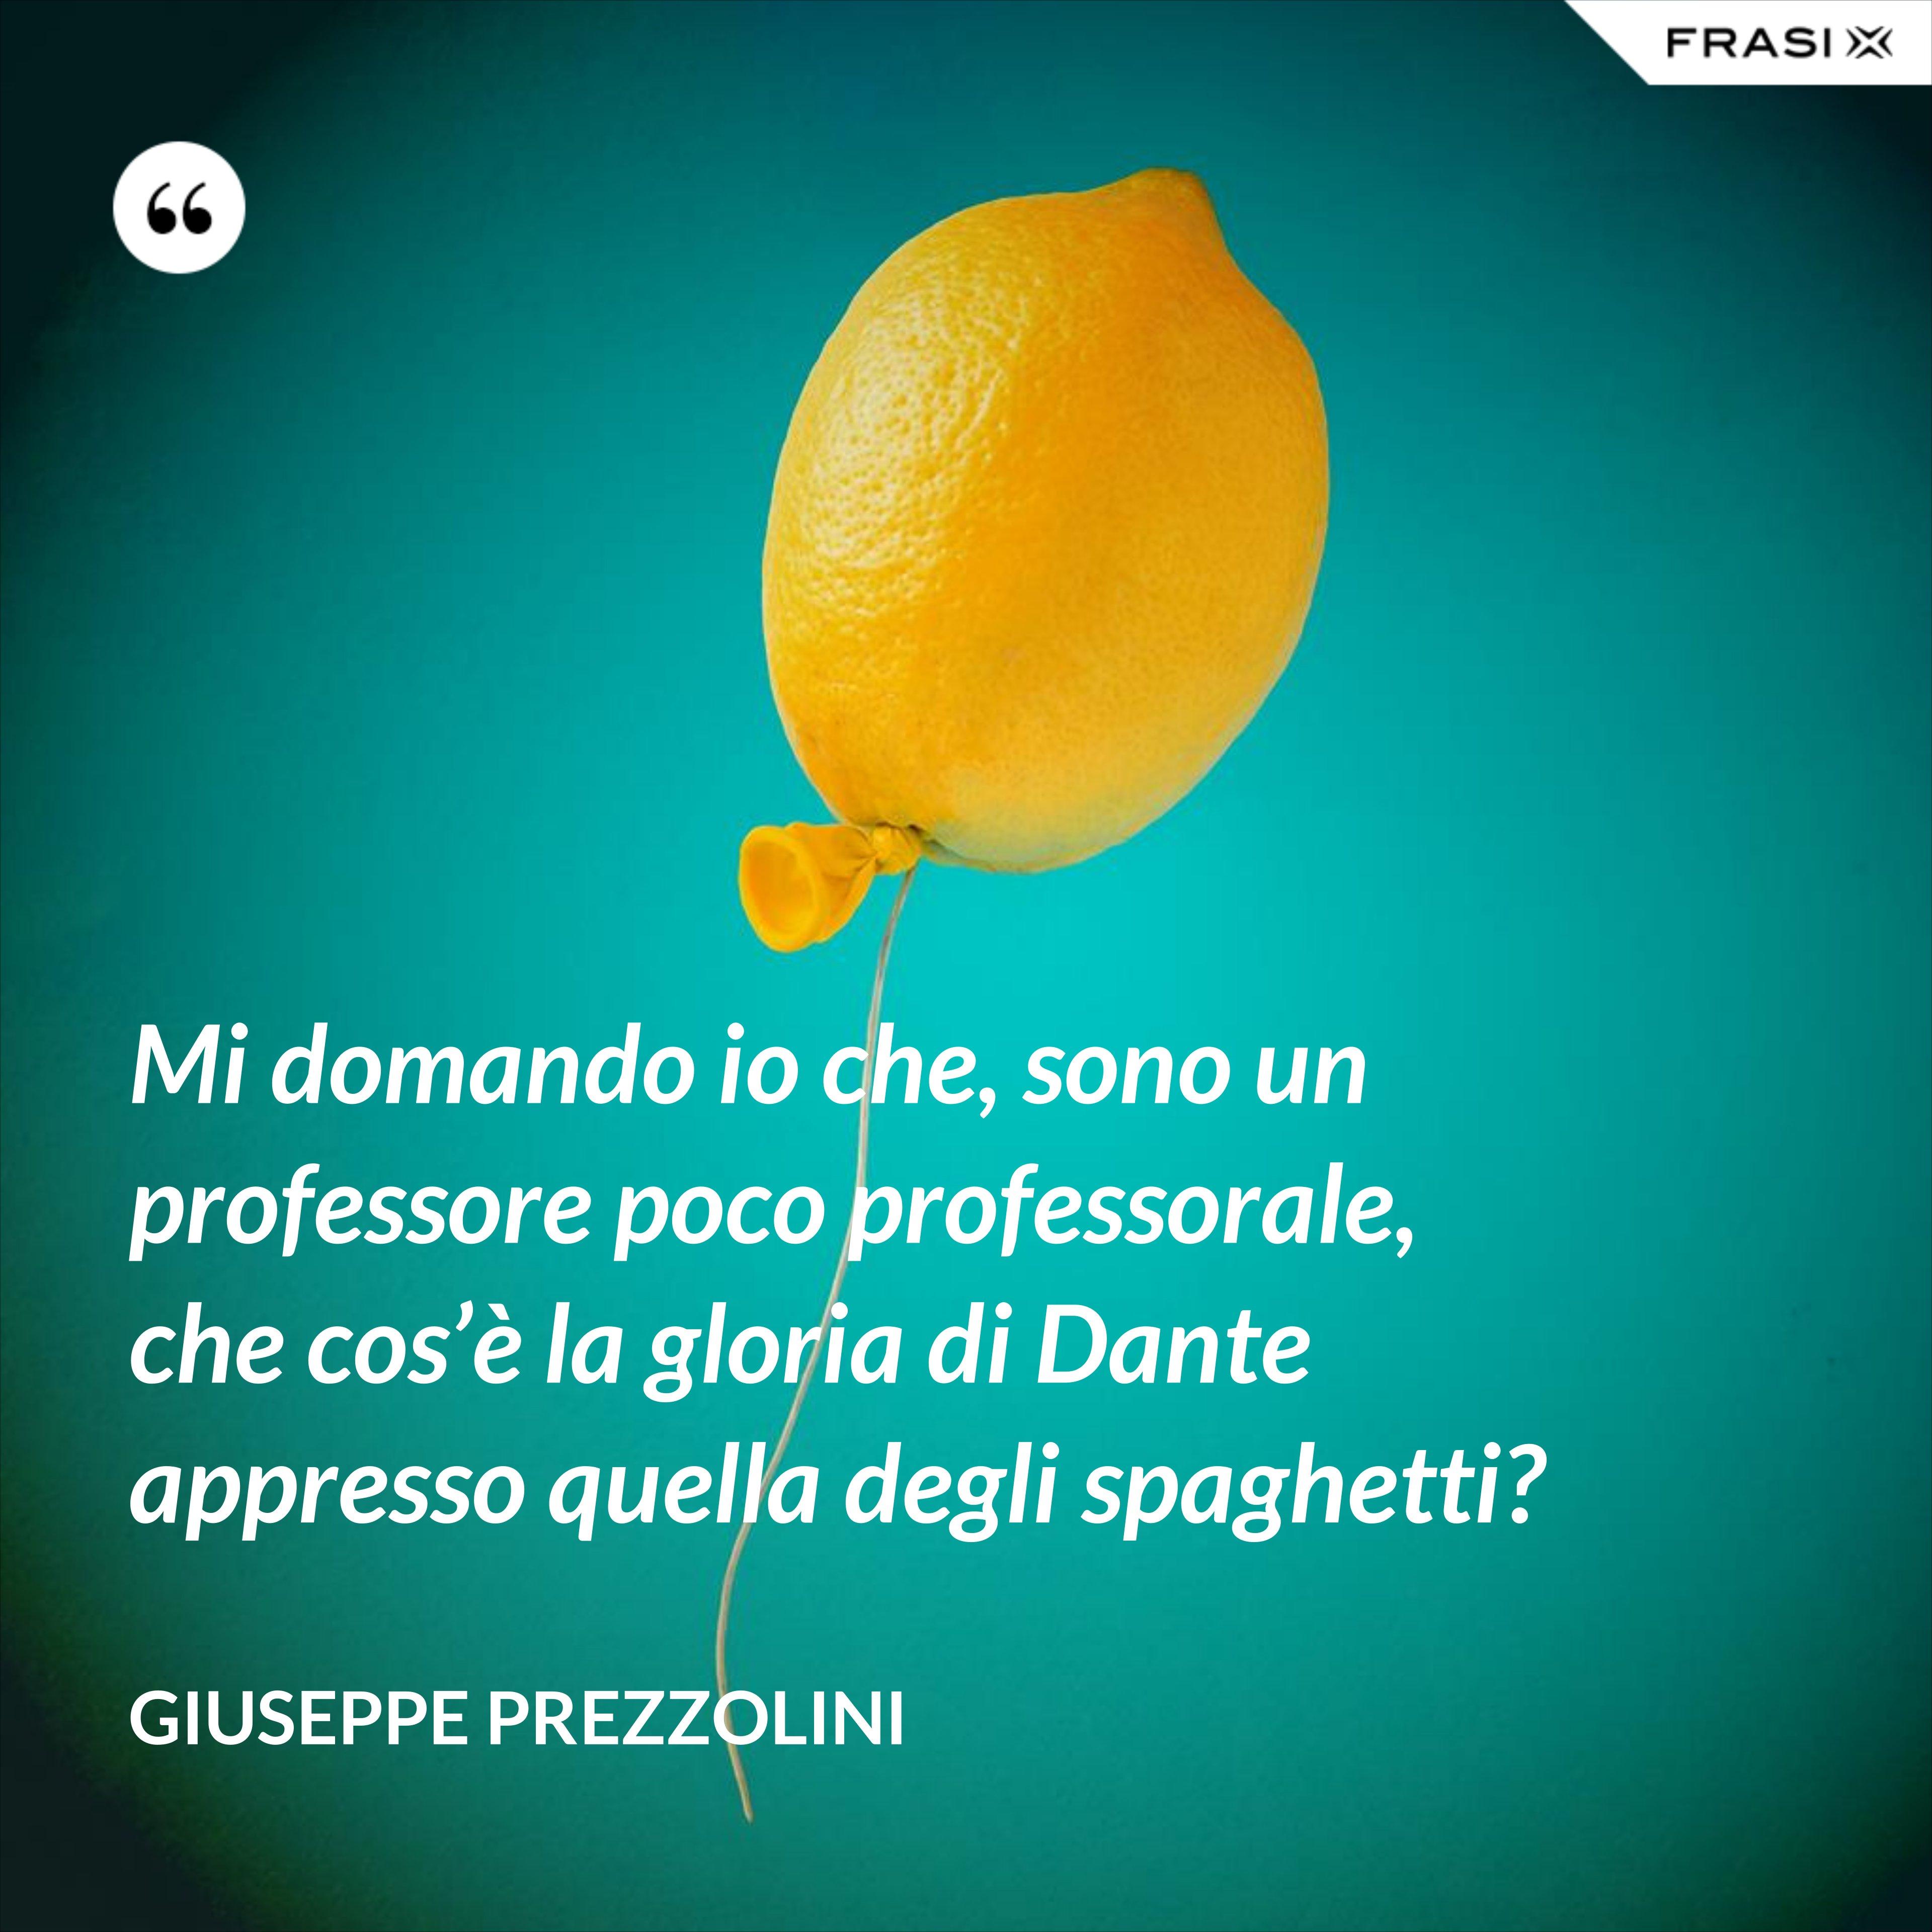 Mi domando io che, sono un professore poco professorale, che cos'è la gloria di Dante appresso quella degli spaghetti? - Giuseppe Prezzolini